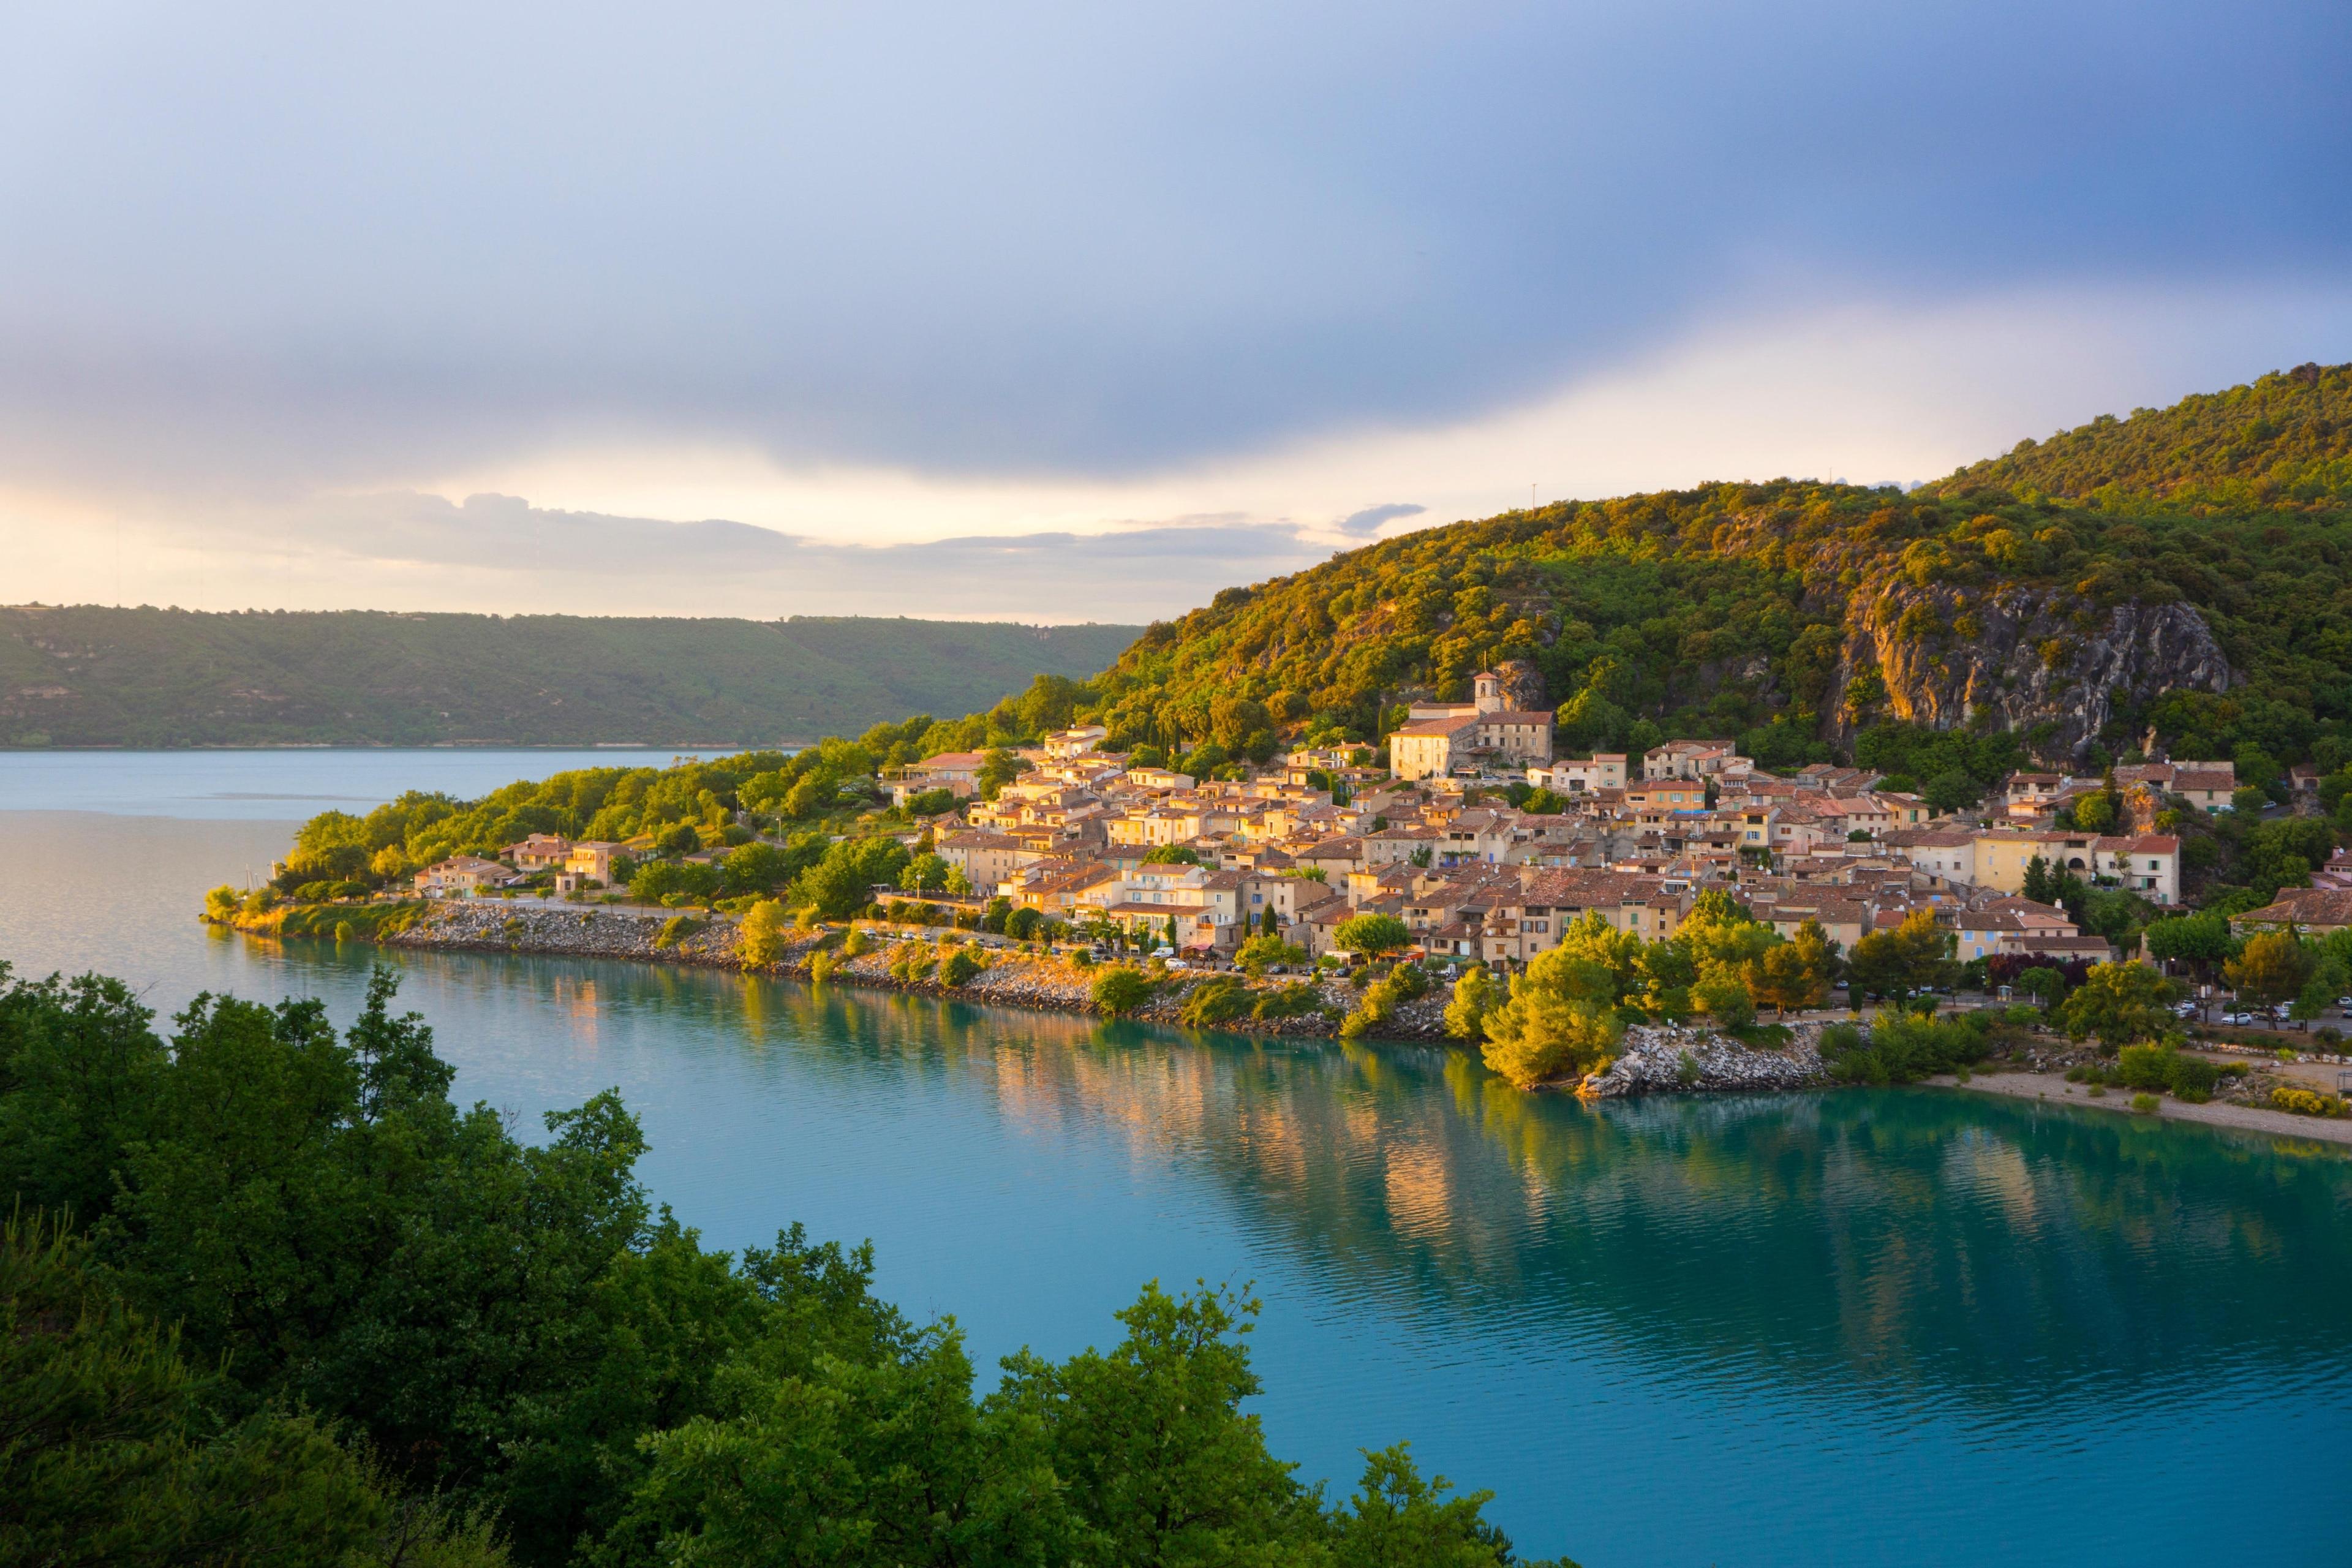 Alpes Provence Verdon - Sources de Lumière, Alpes-de-Haute-Provence, France